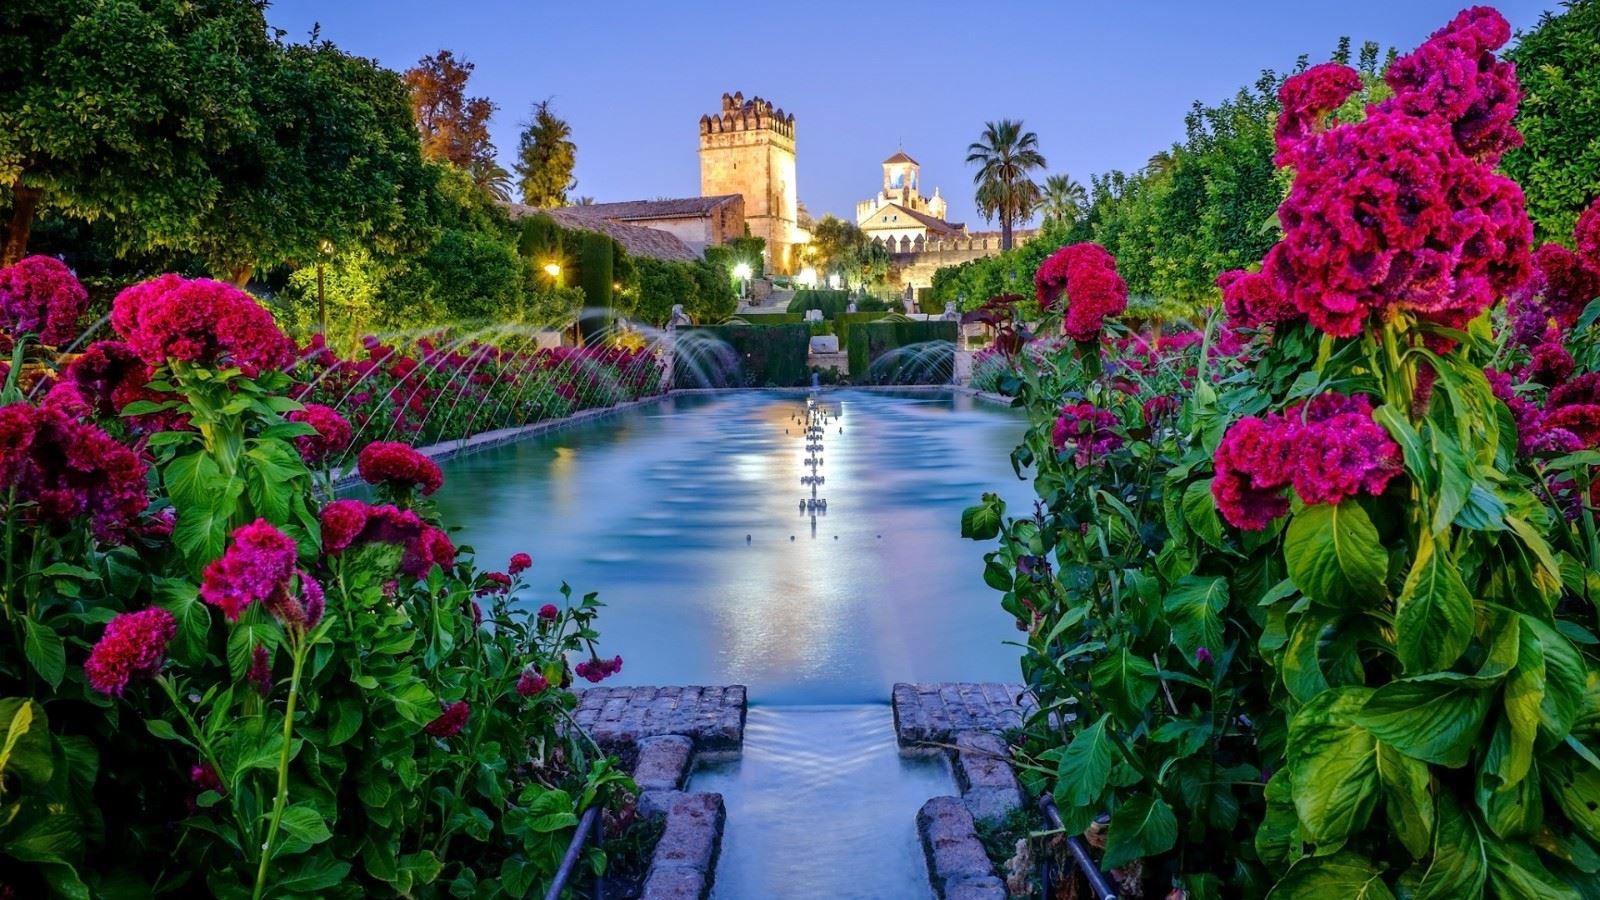 花丛锦簇喷泉水池唯美园